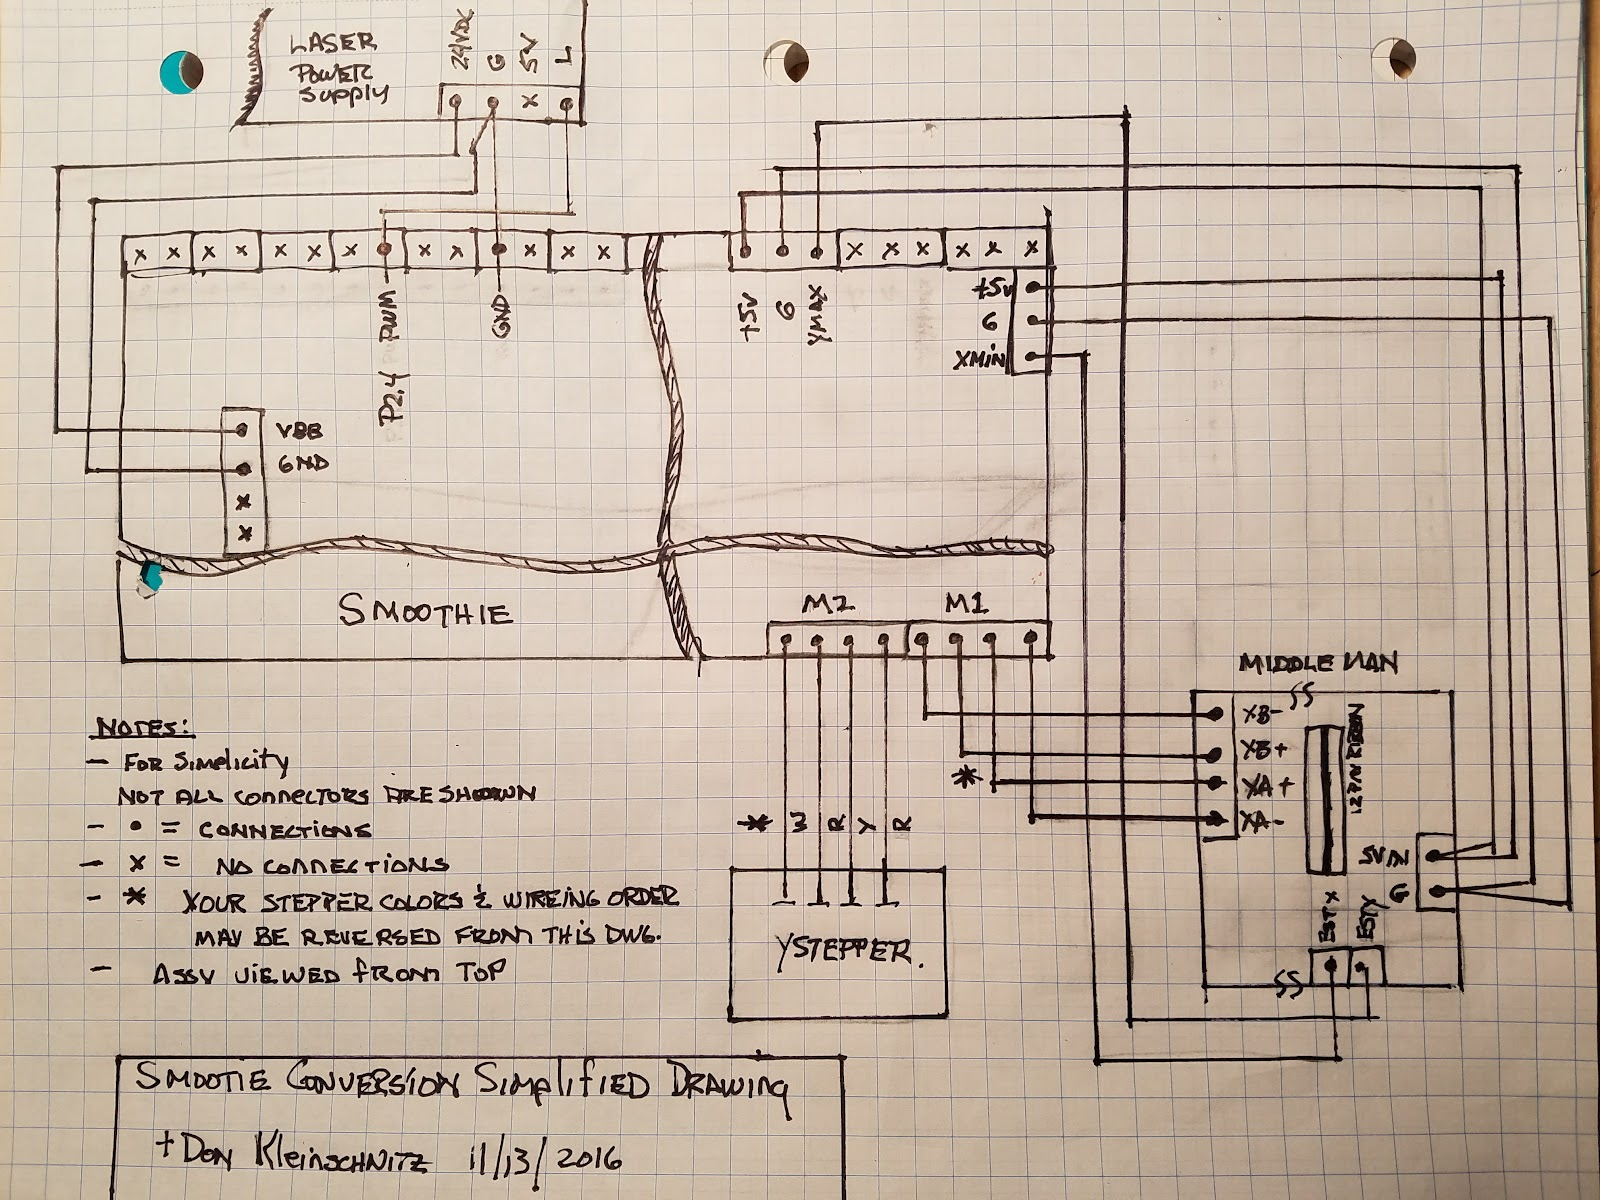 k40 laser wiring diagram wiring diagram advancek40 laser wiring diagram [ 1600 x 1200 Pixel ]